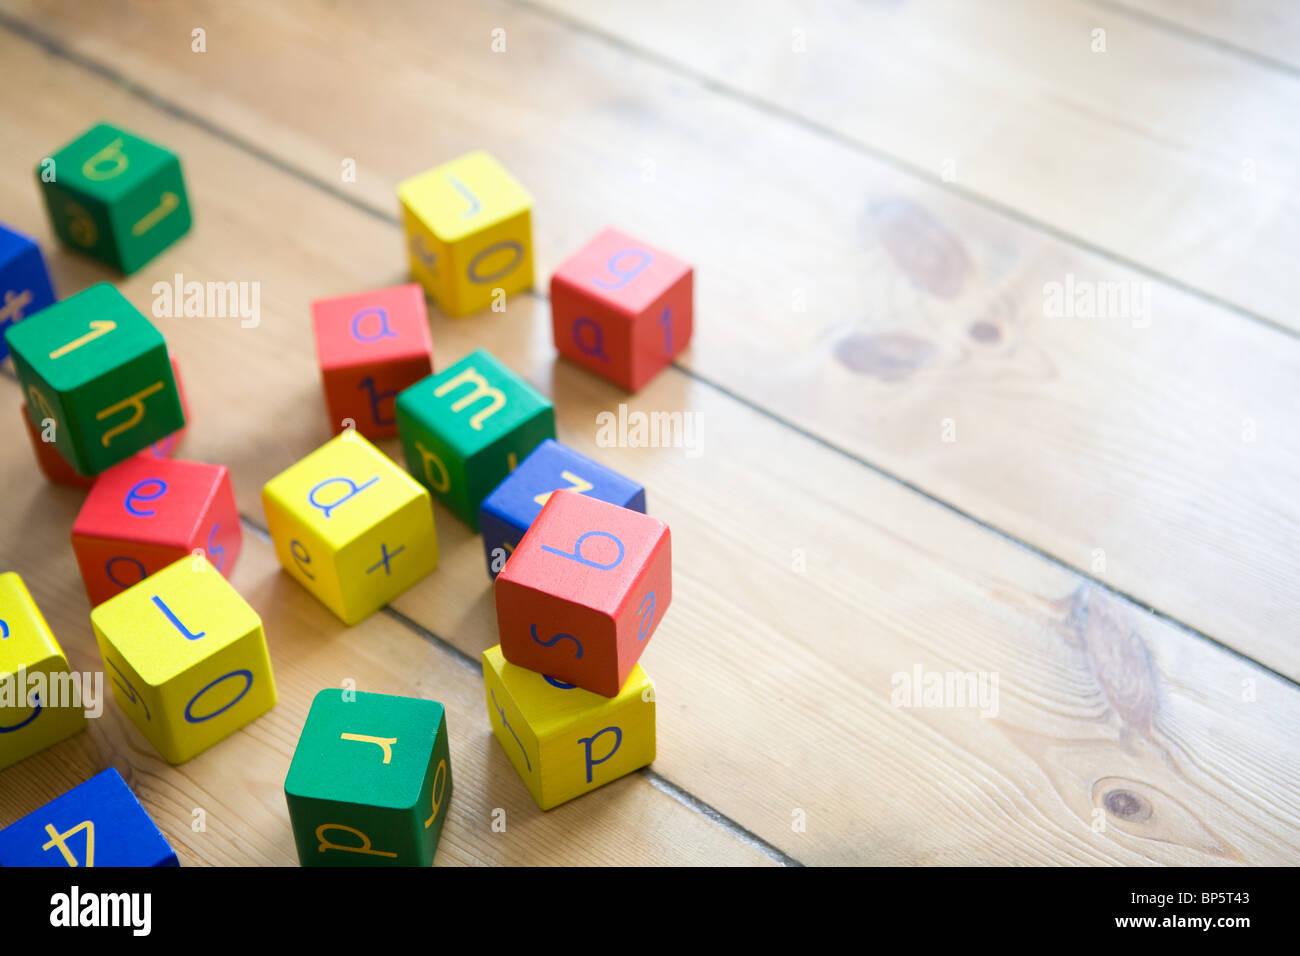 Building blocks on wooden floor - Stock Image